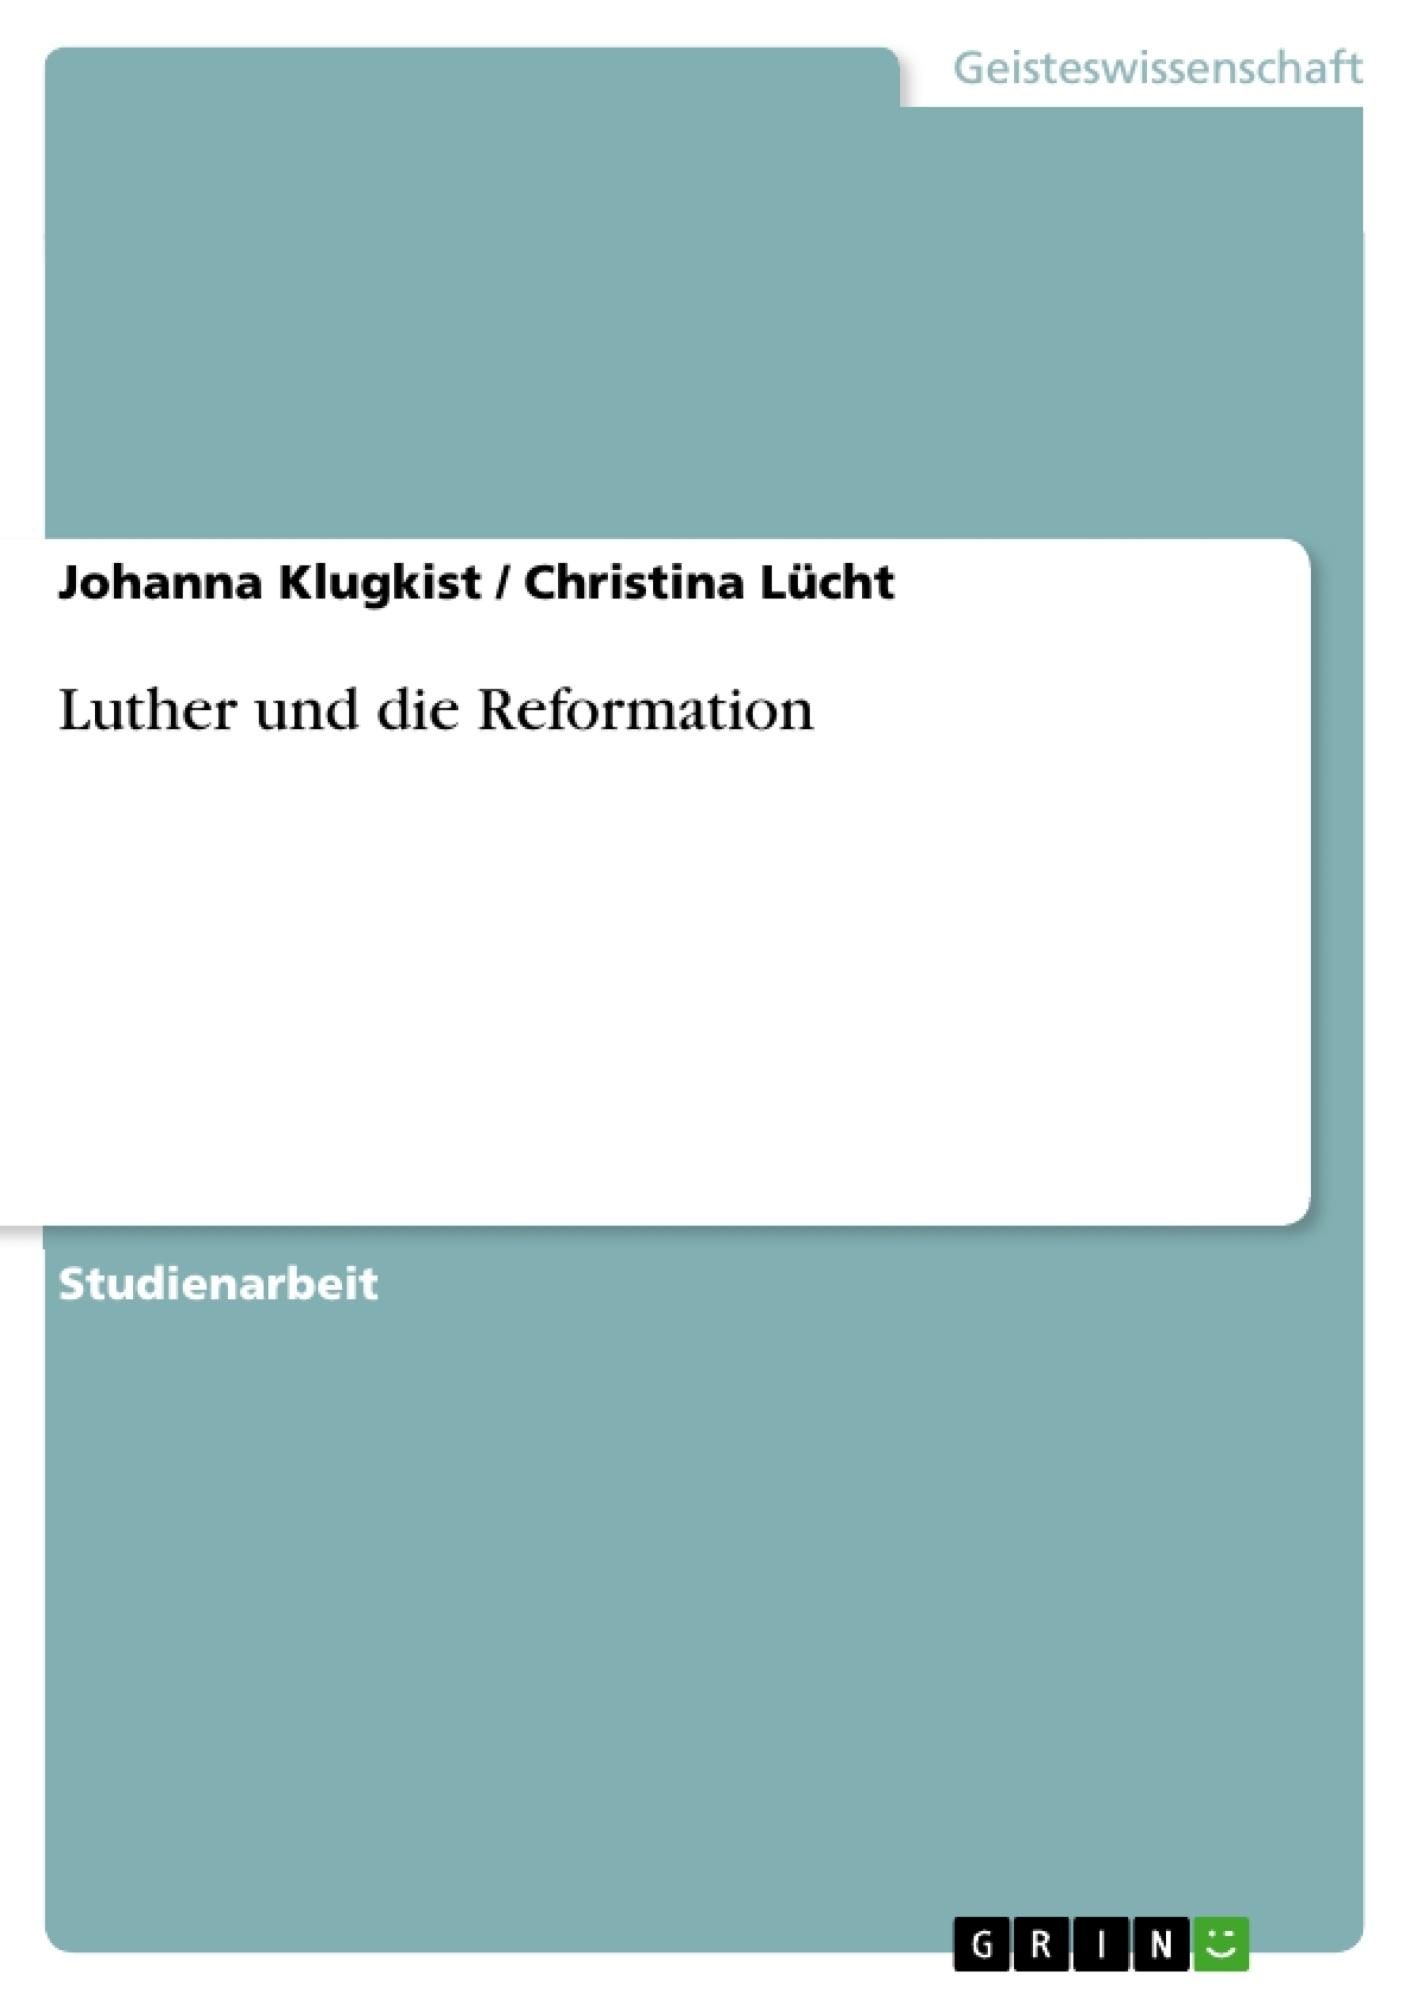 Titel: Luther und die Reformation